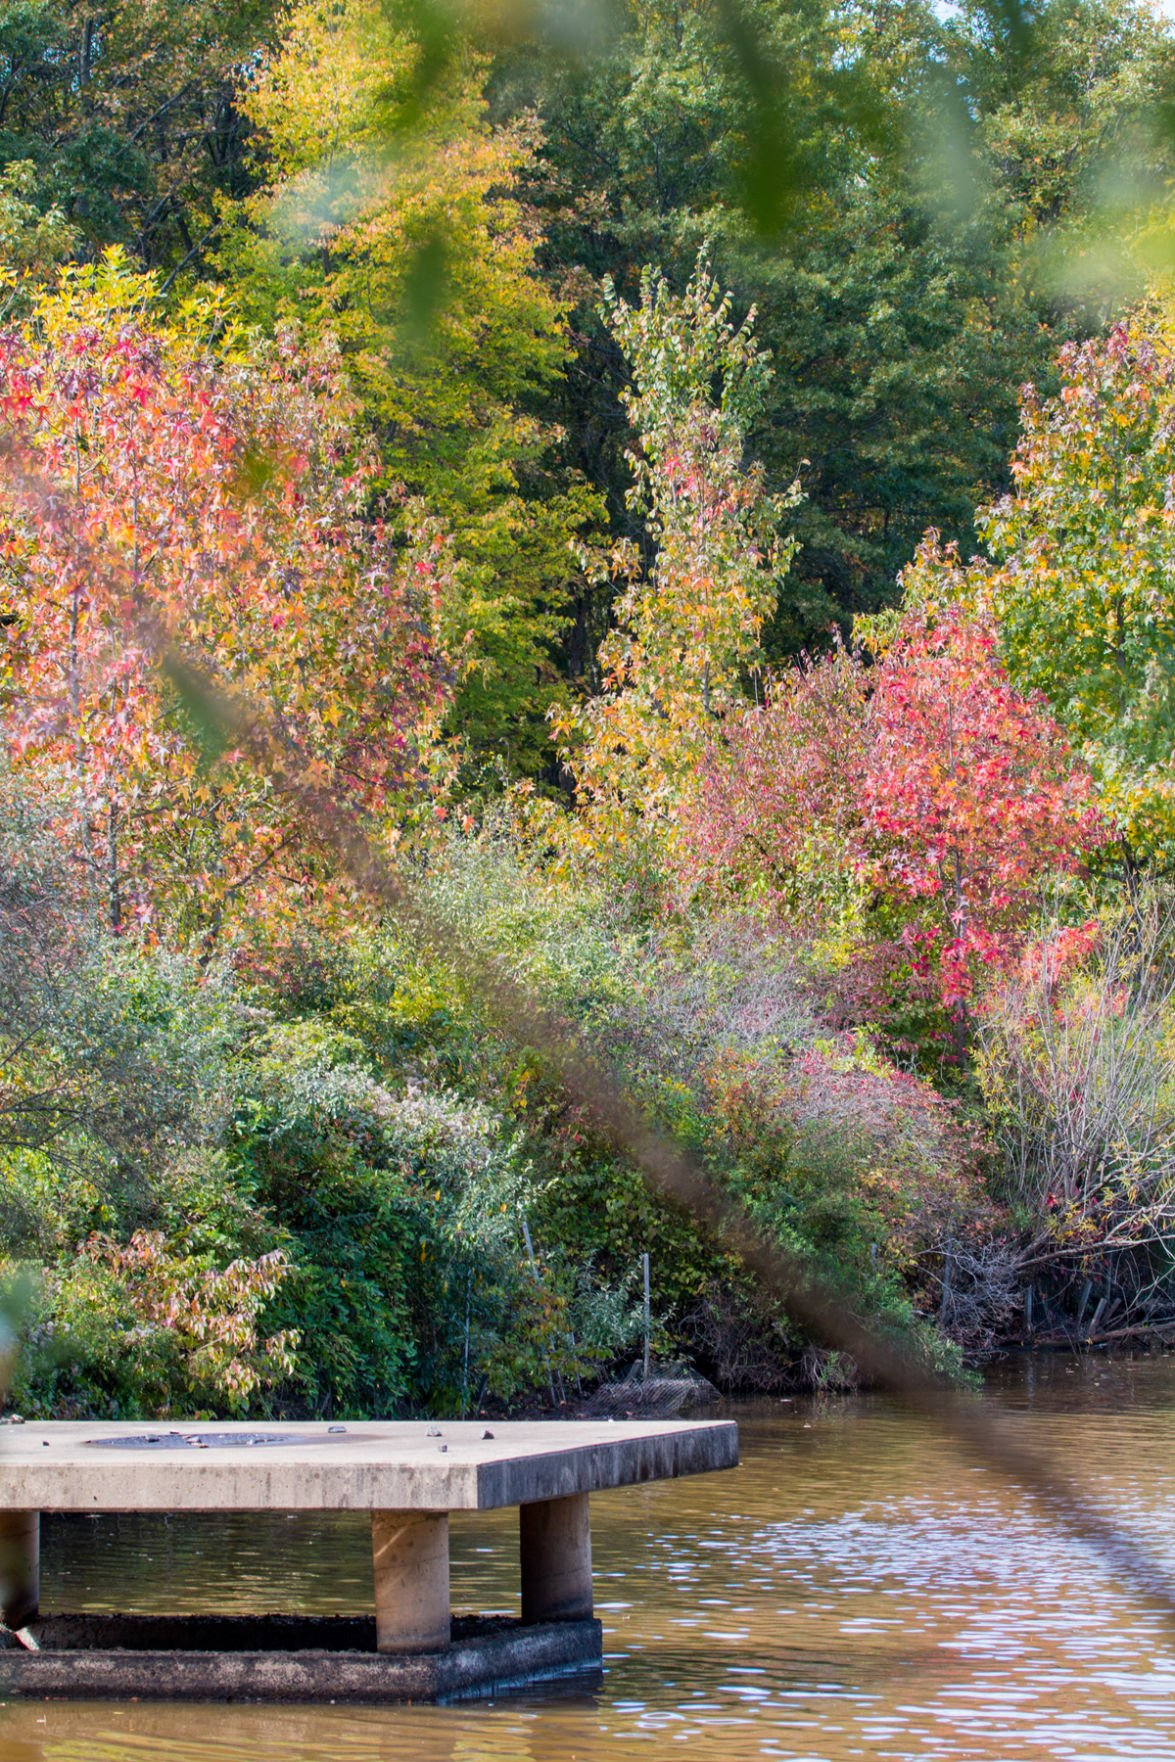 Fall colors at Branta Pond at the EEC